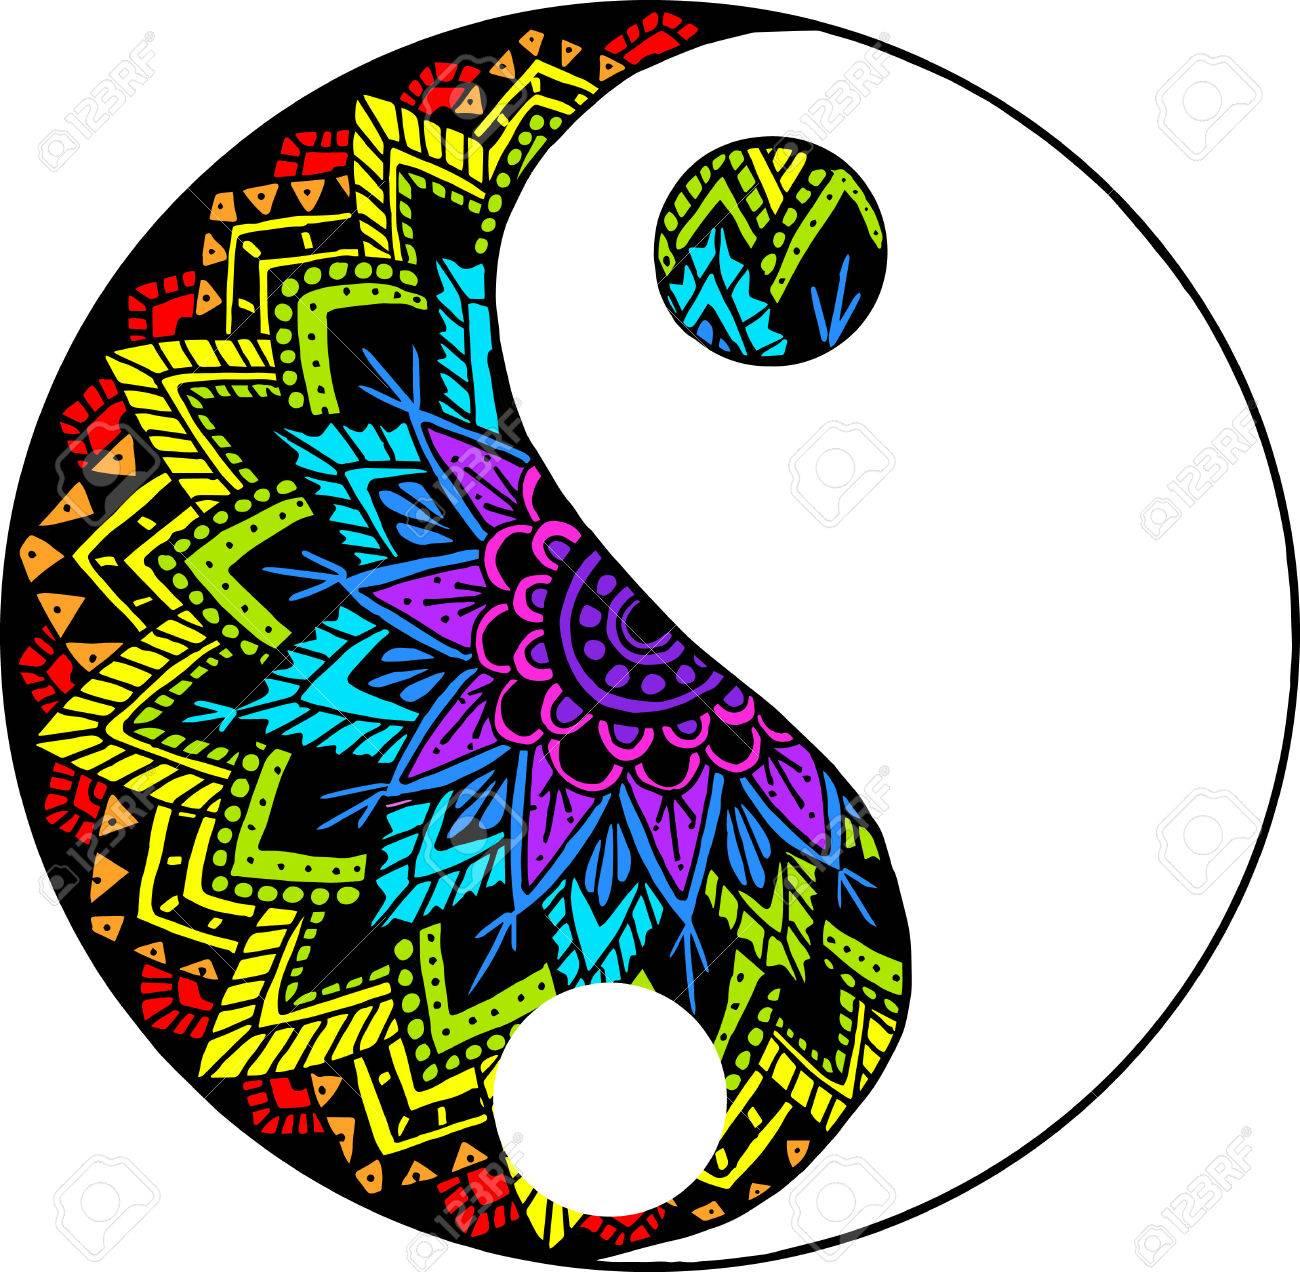 rainbow yin yang mandala royalty free cliparts vectors and stock rh 123rf com Mandala Yin Yang Wallpaper Tree Yin Yang Mandala